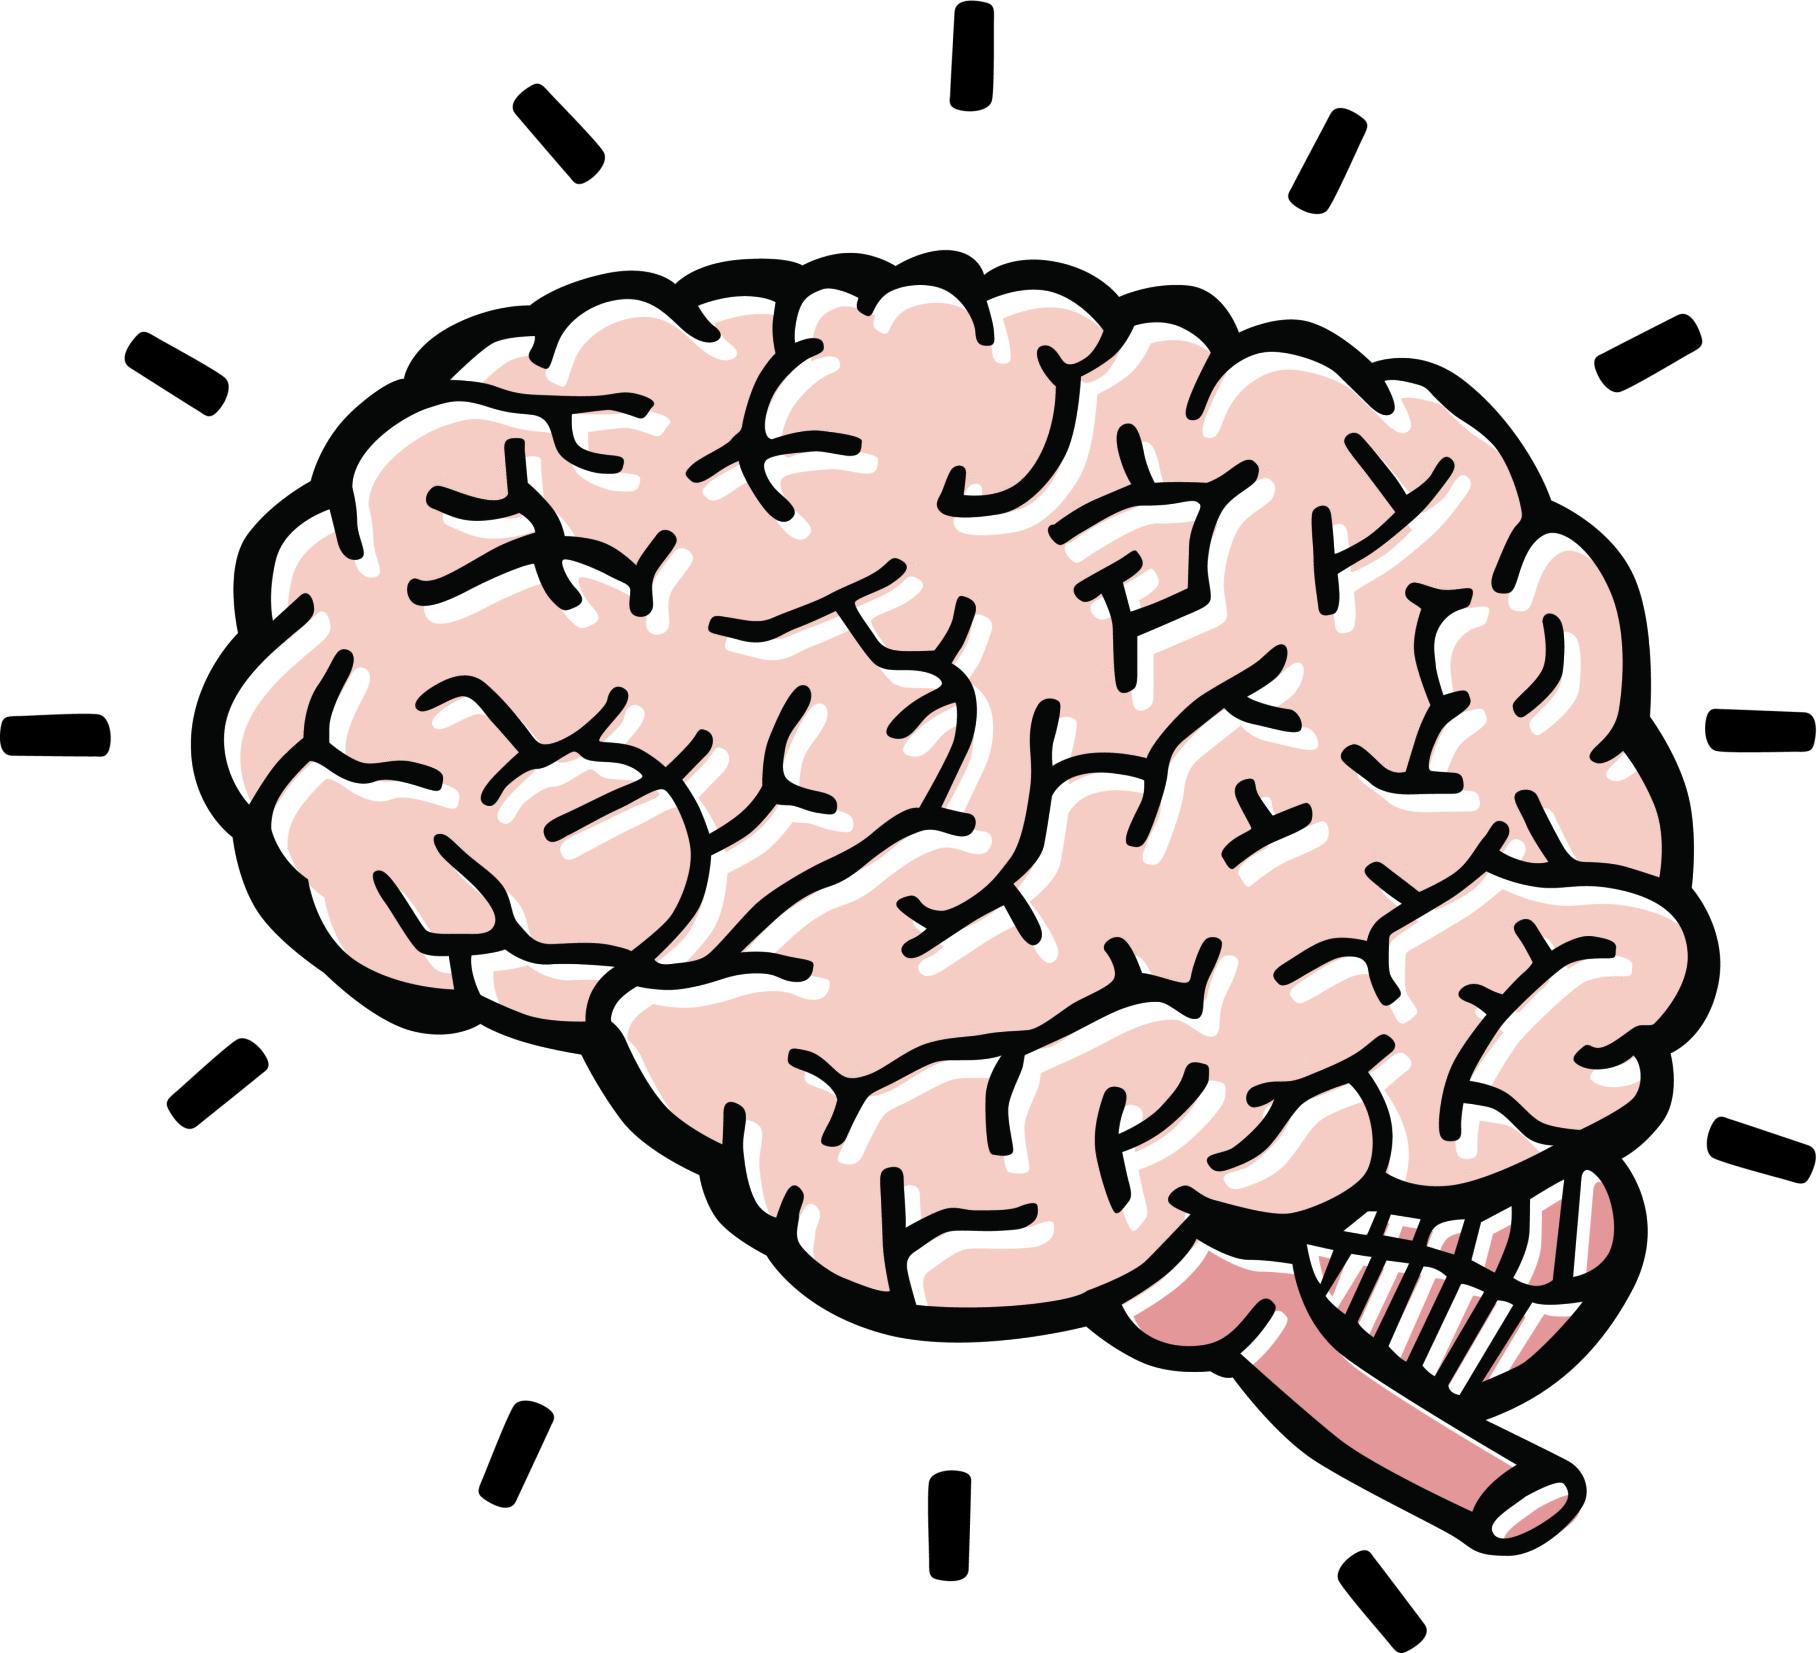 Brain clipart 4